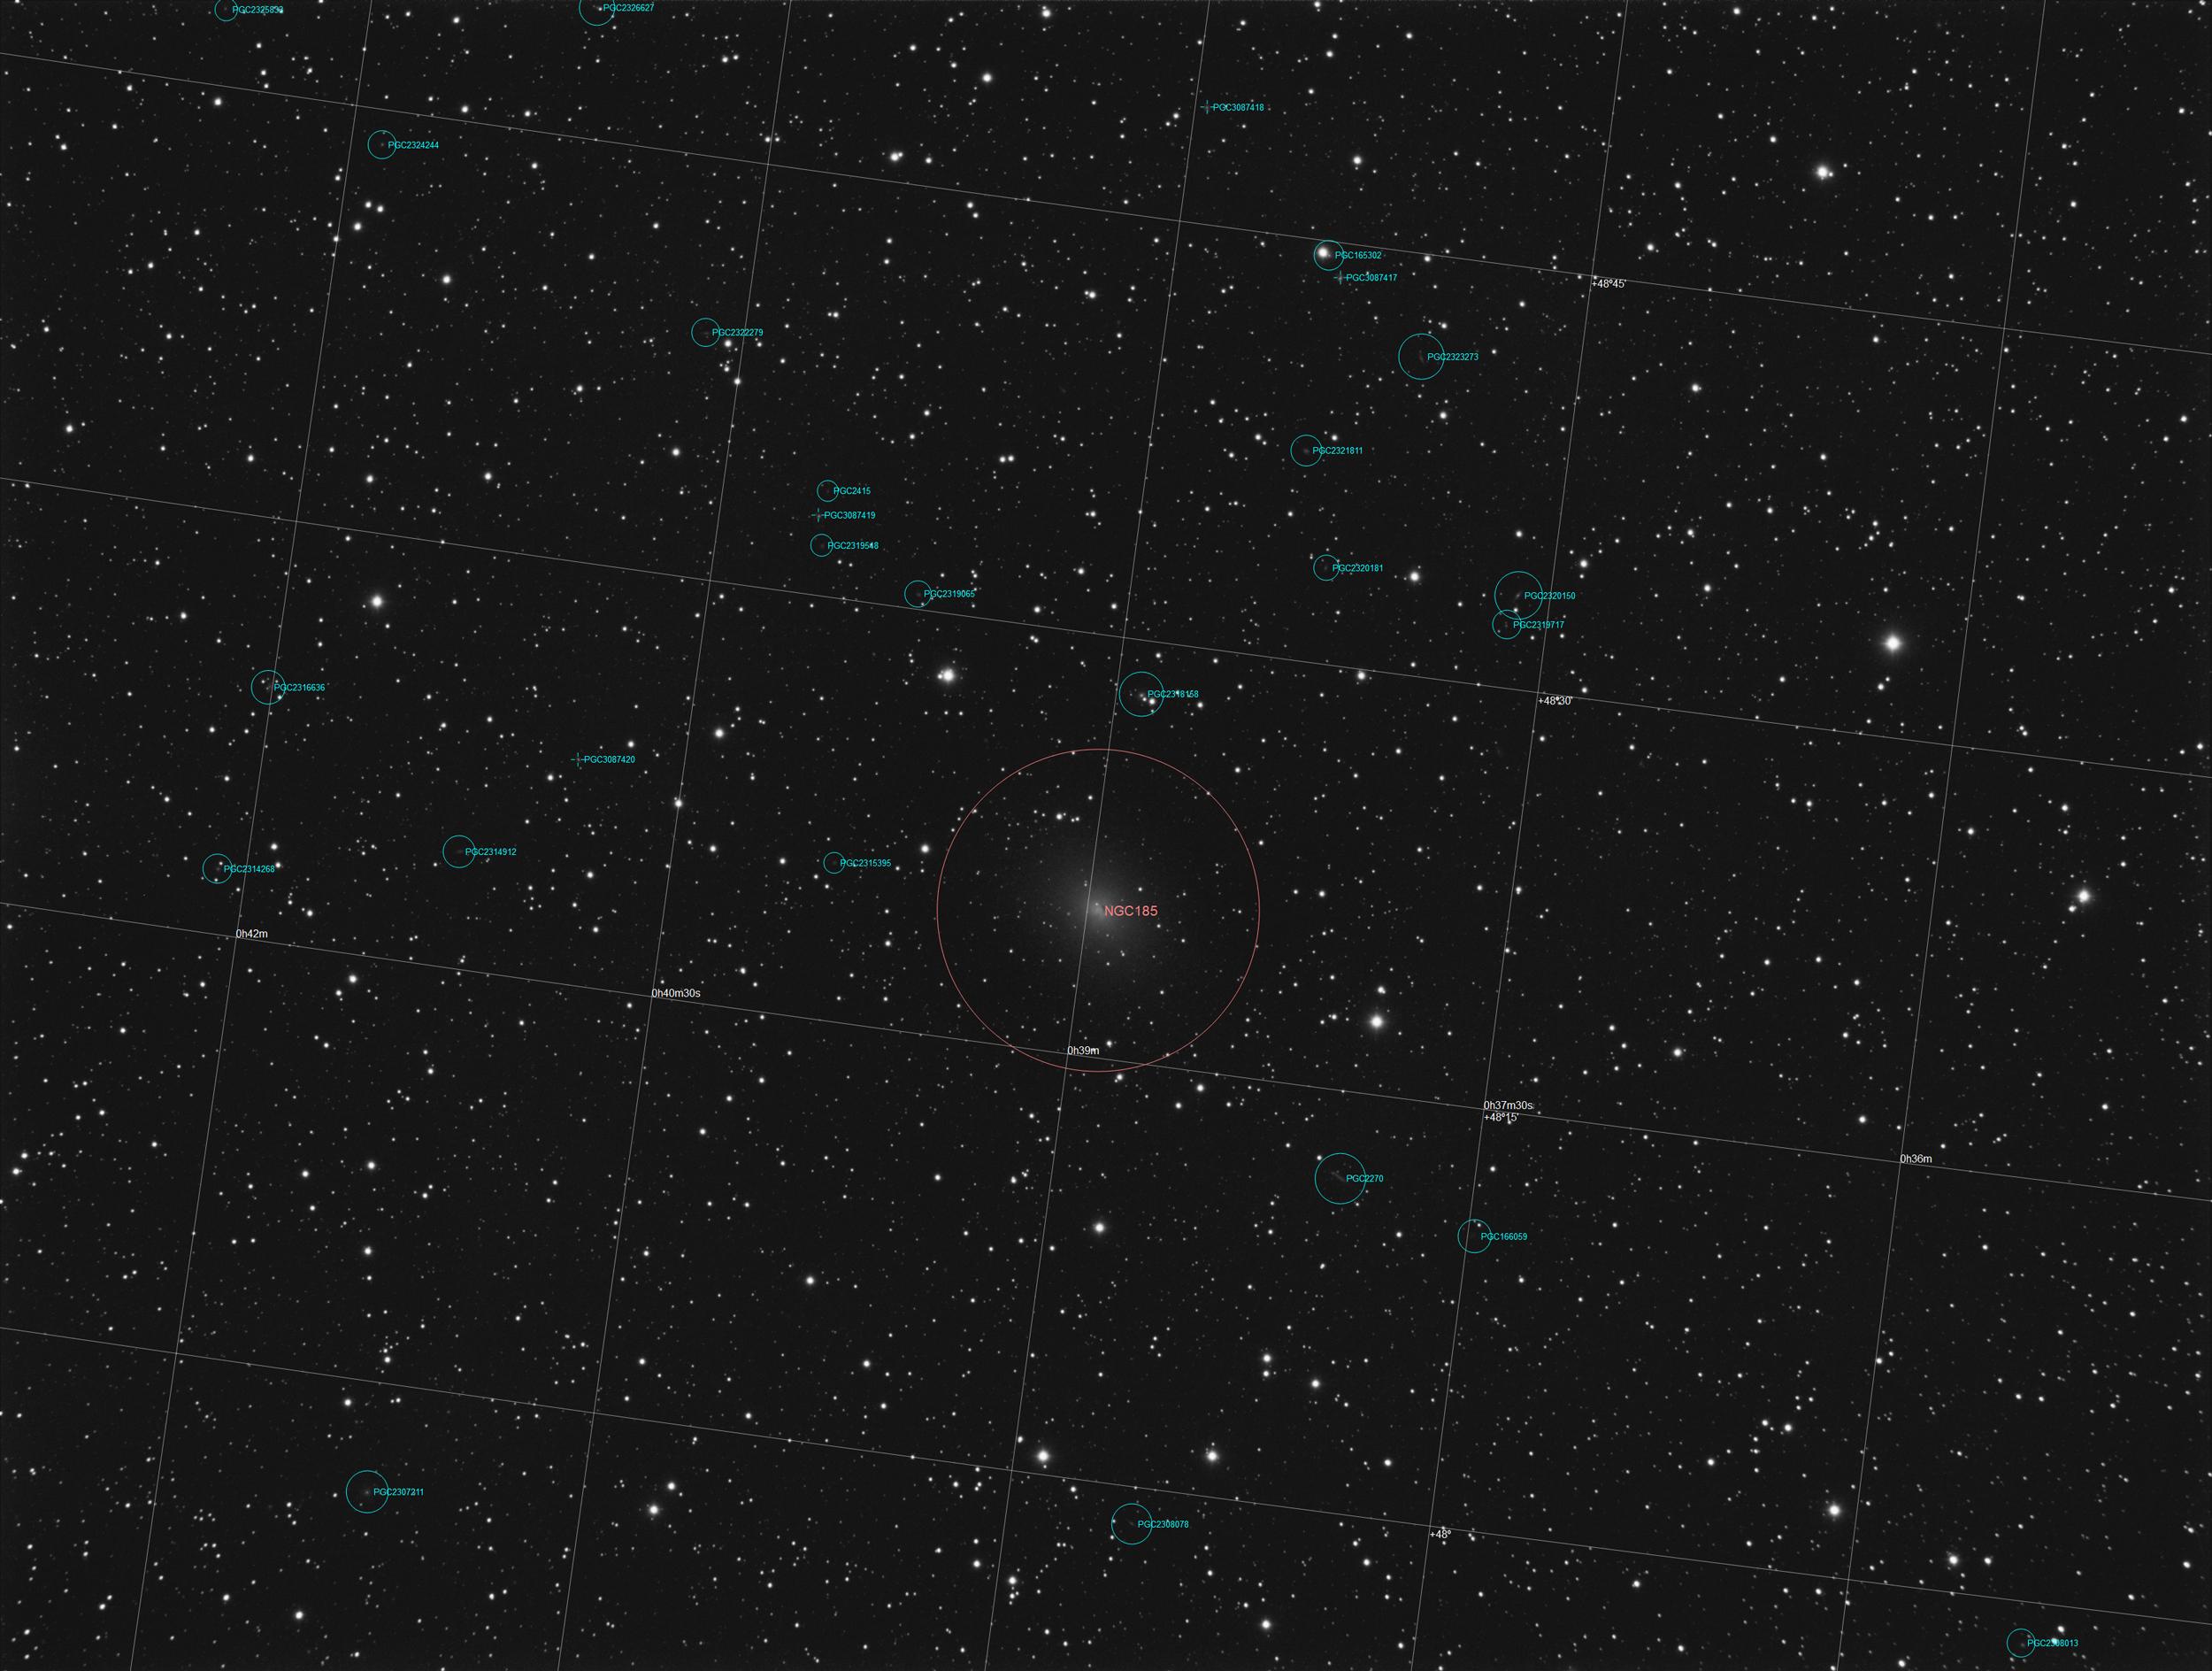 [Obrazek: NGC185_L_Annotated2.jpg.c50e7f313b94a33d...29999a.jpg]